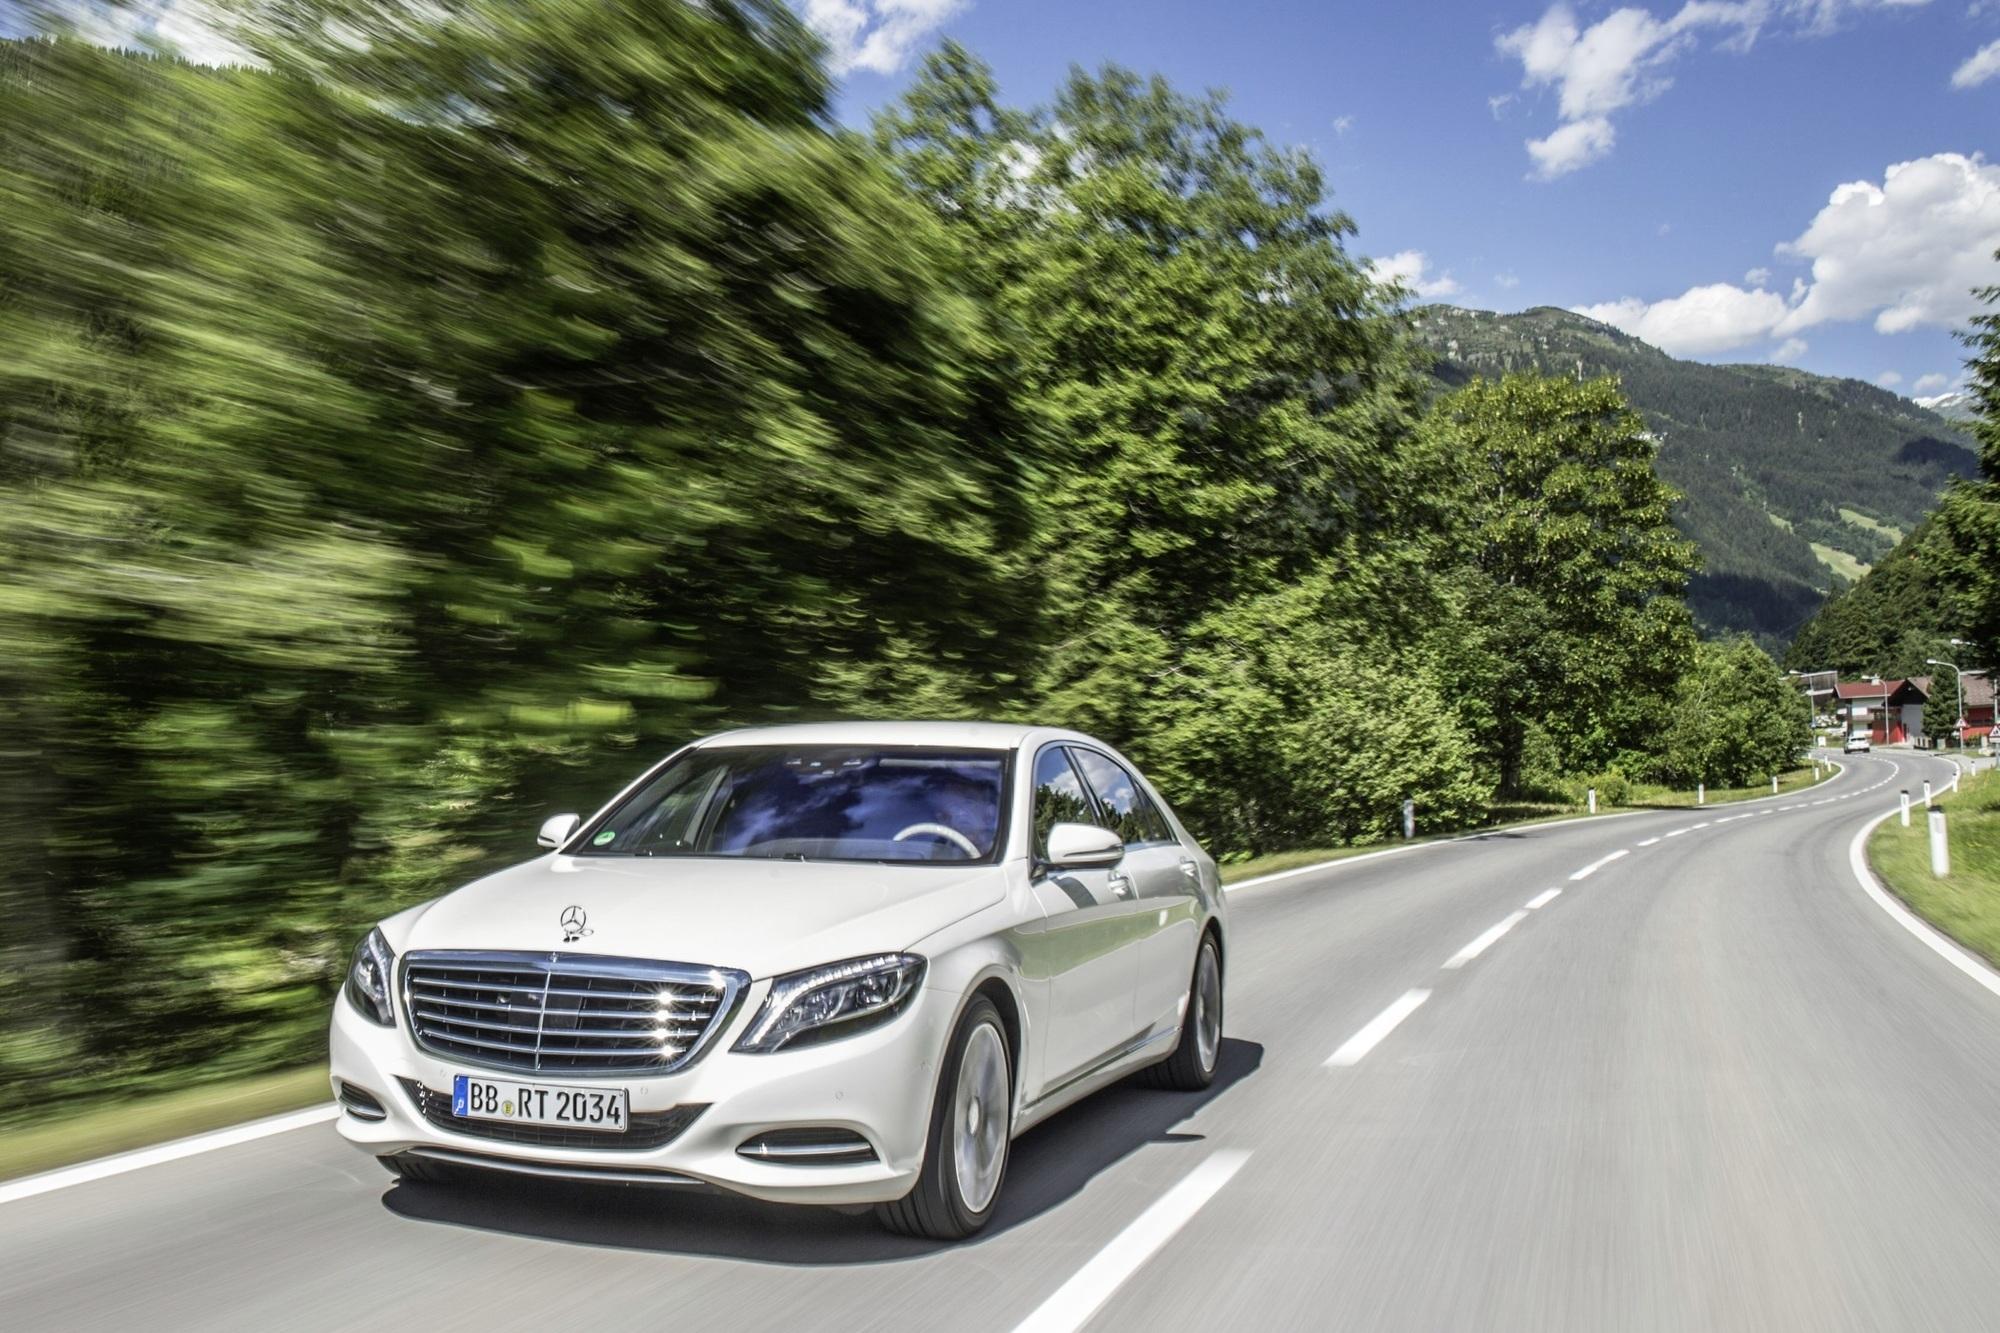 Fahrbericht: Mercedes S 500 Plug-in-Hybrid - Stern mit Stecker